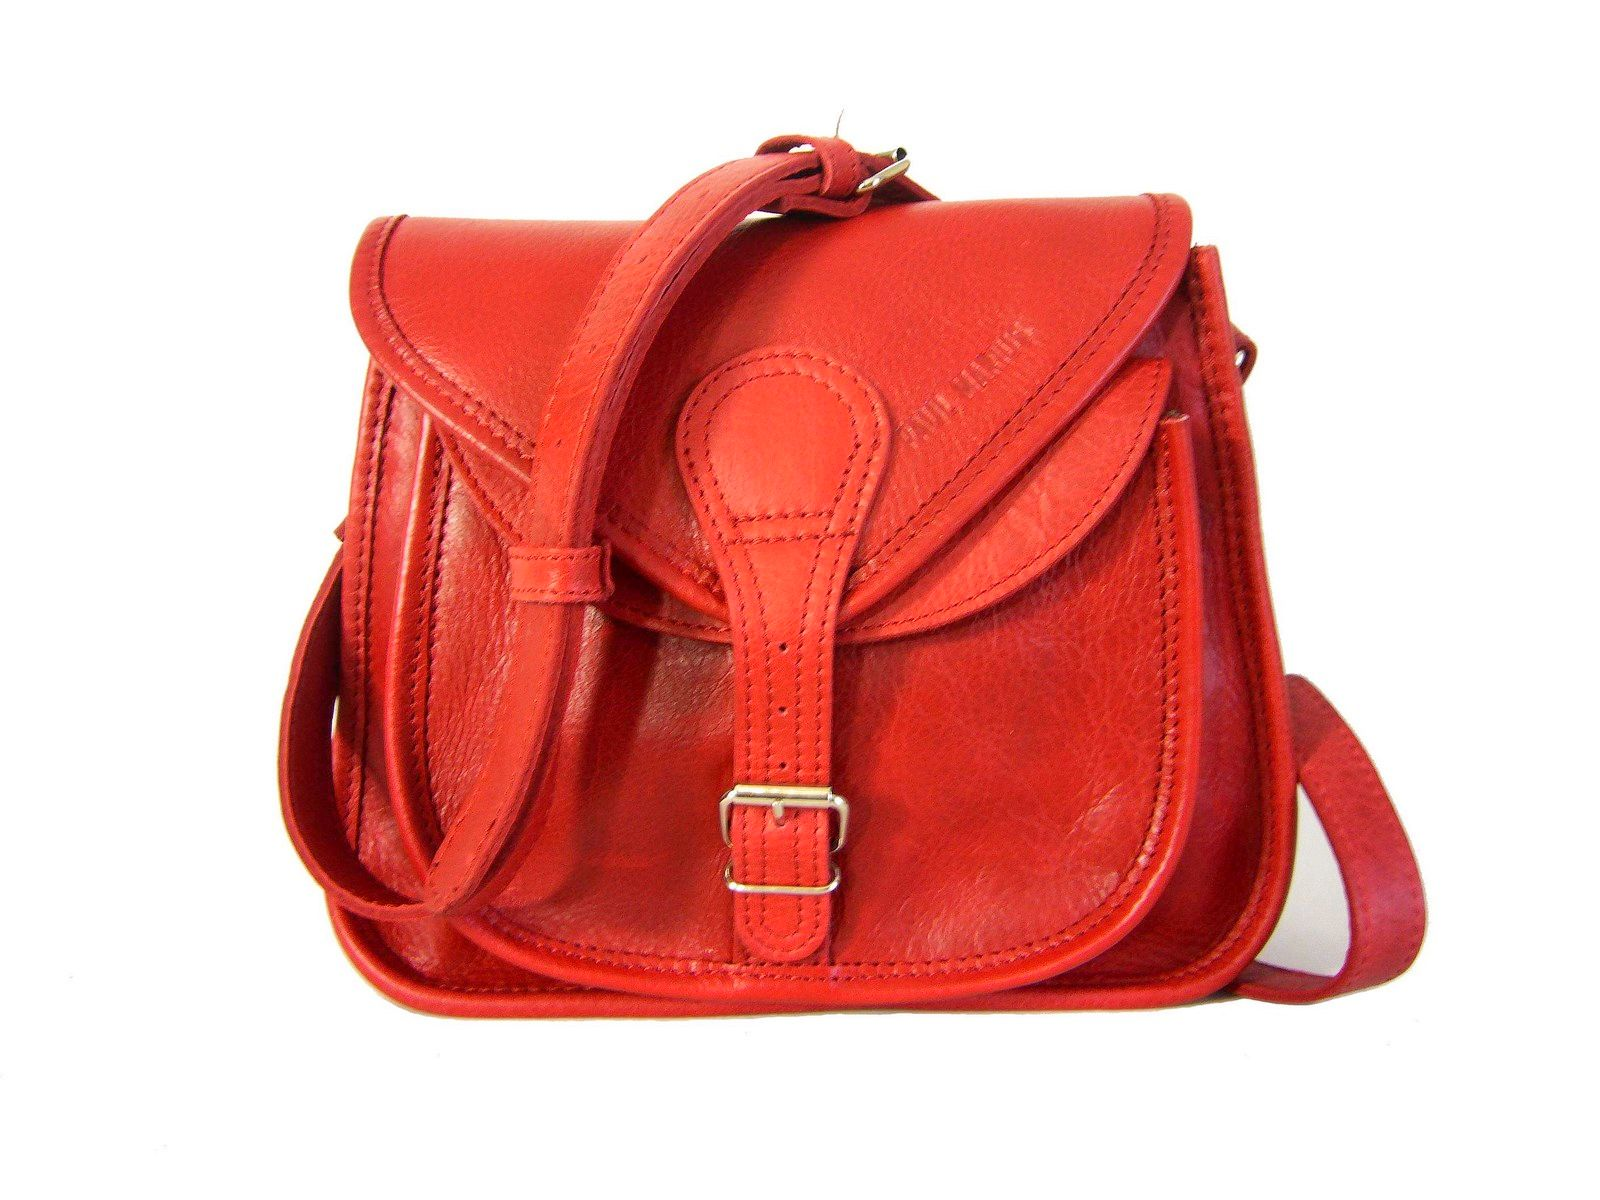 Petit sac à main bandoulière cuir rouge La Besace